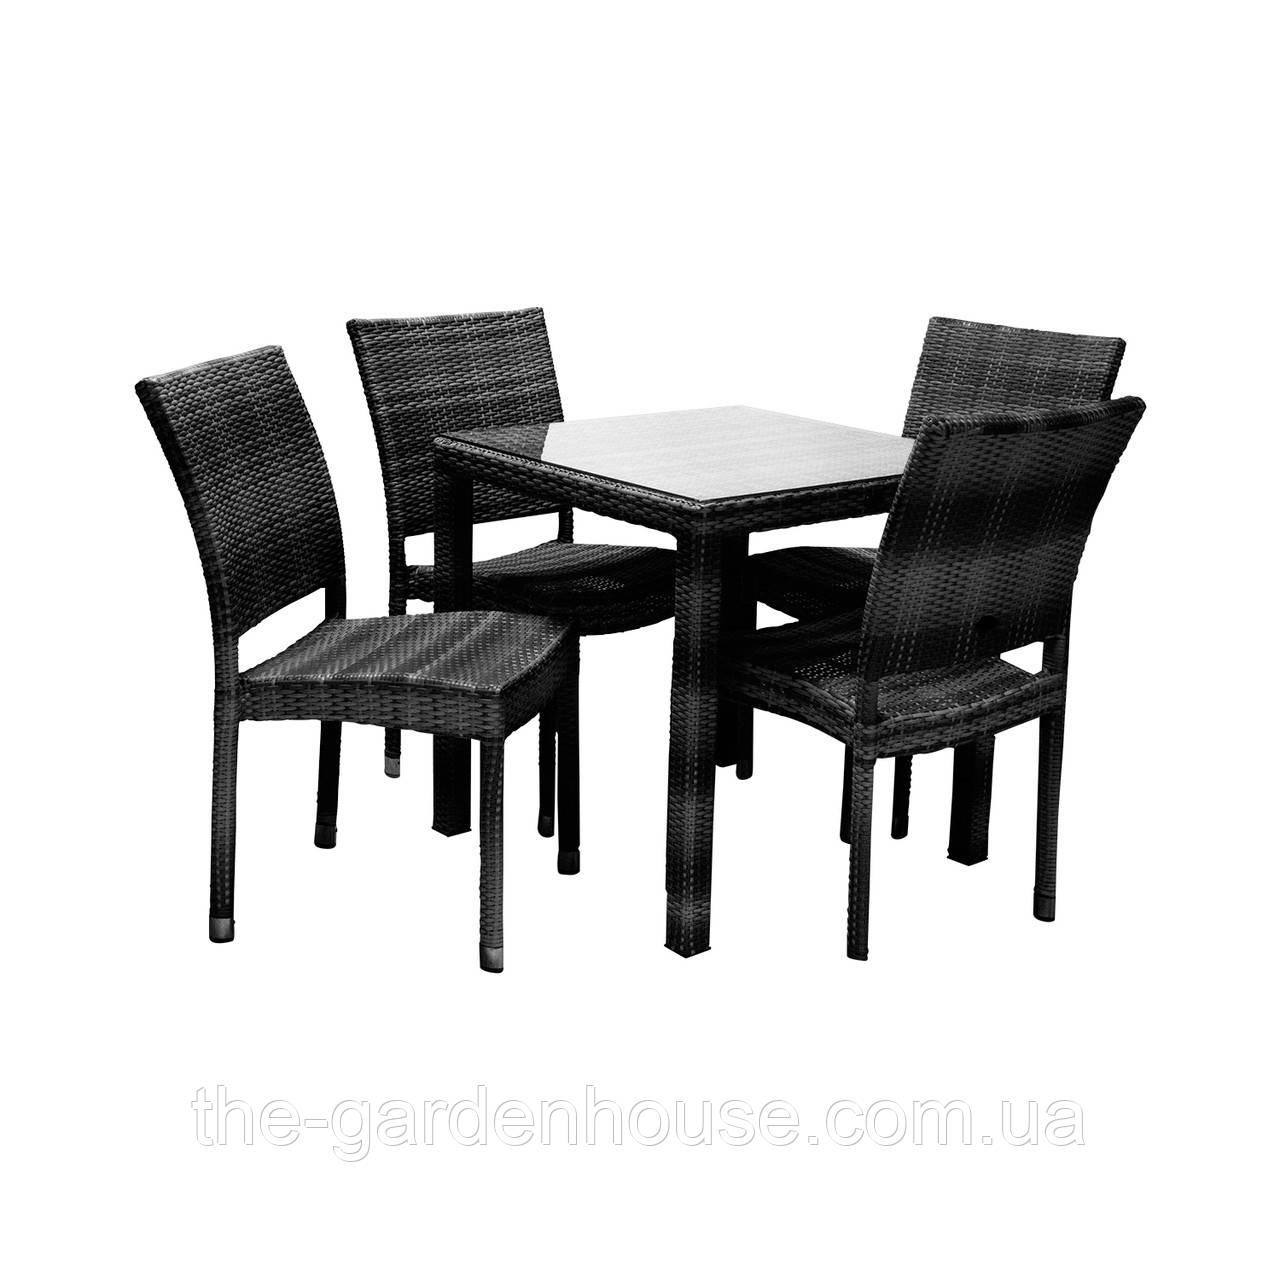 Столовый набор садовой мебели Викер из искусственного ротанга: стол и 4 стула черный